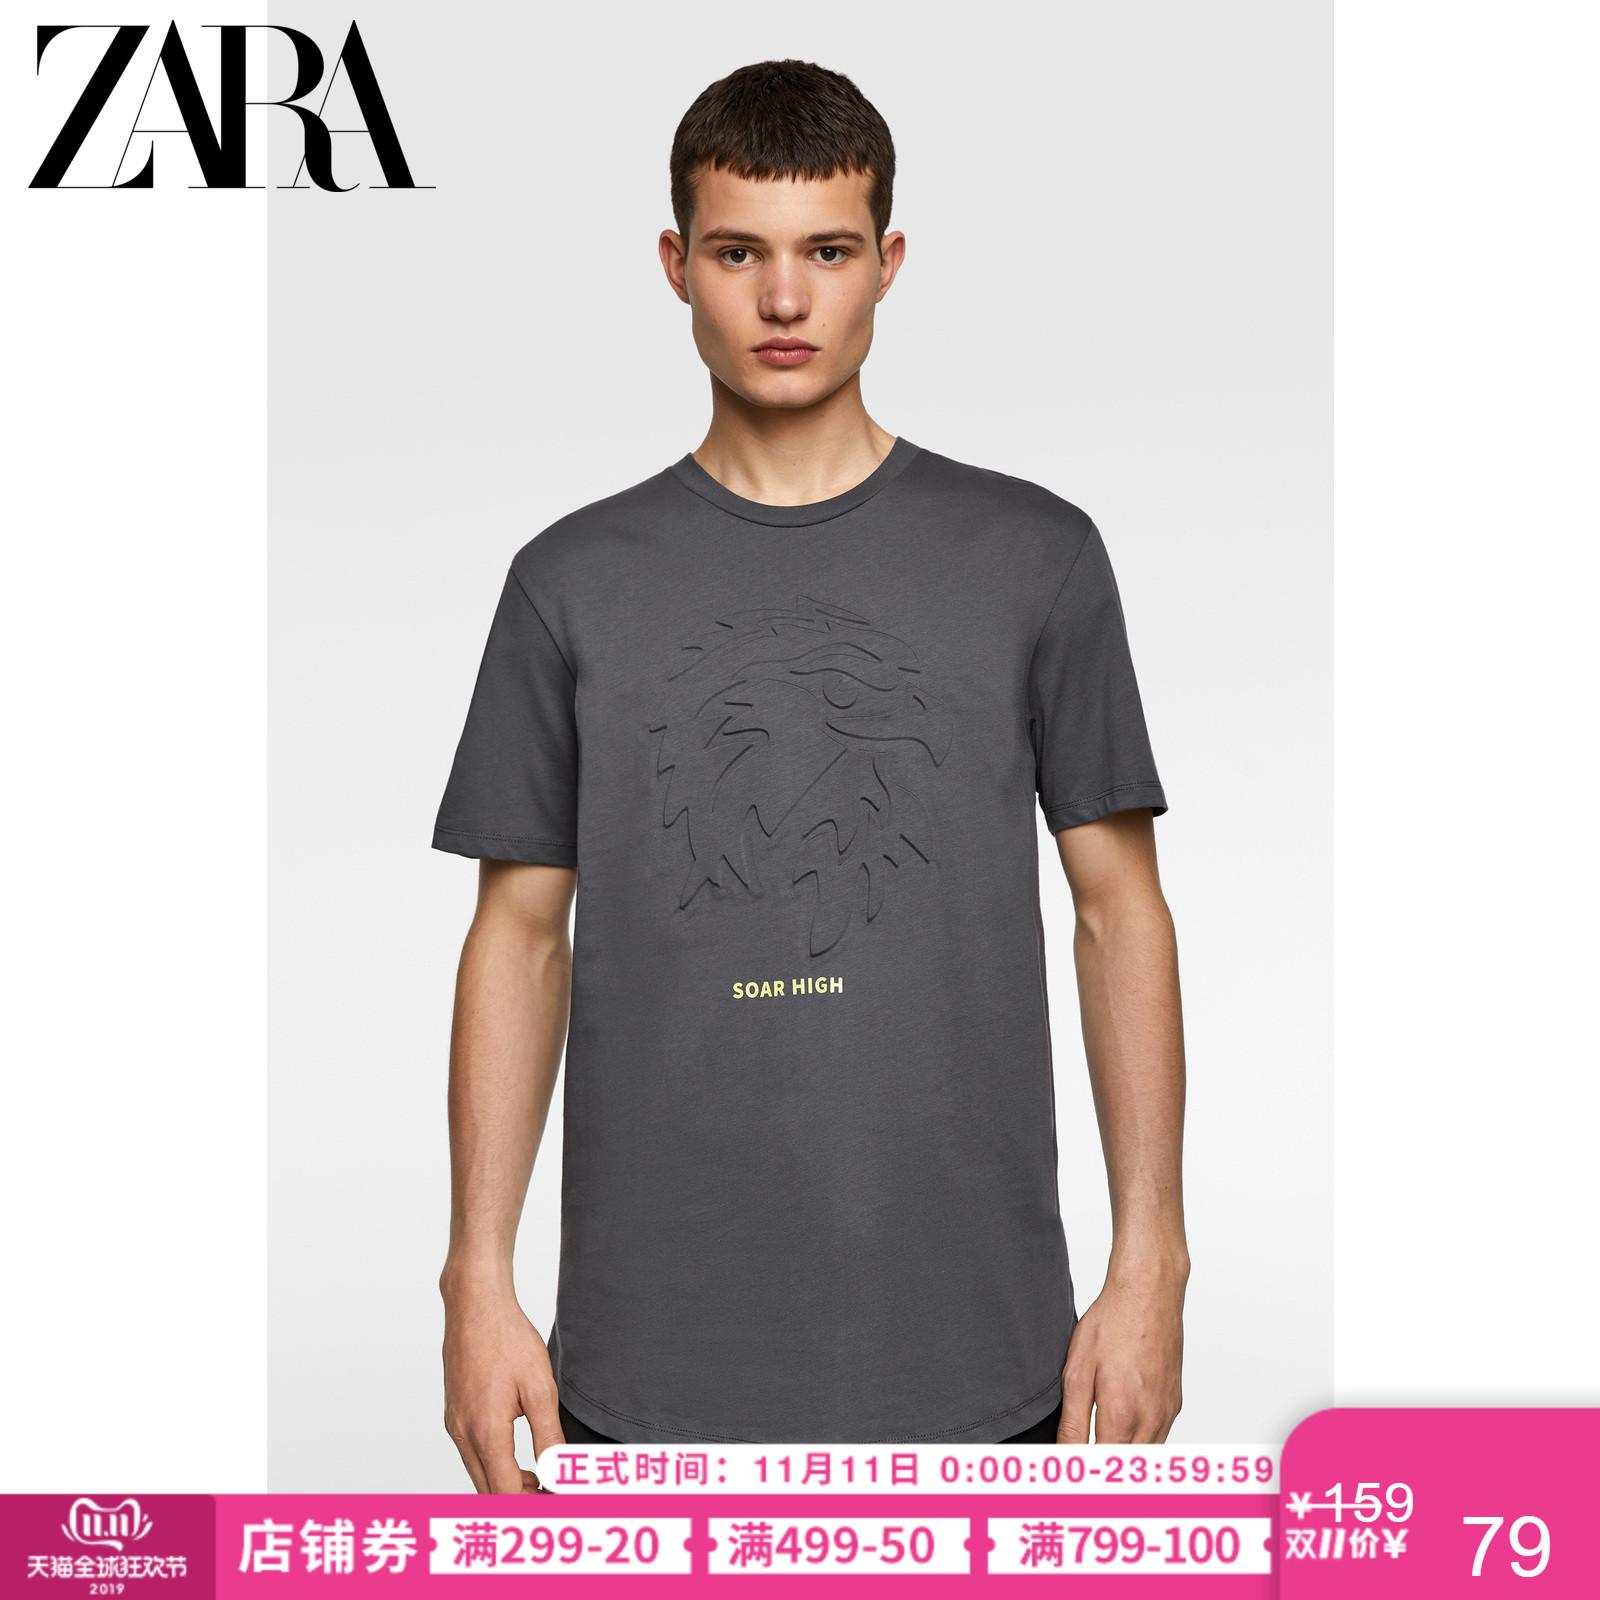 ZARA新款 男装 凸饰印字 T 恤 05372302802